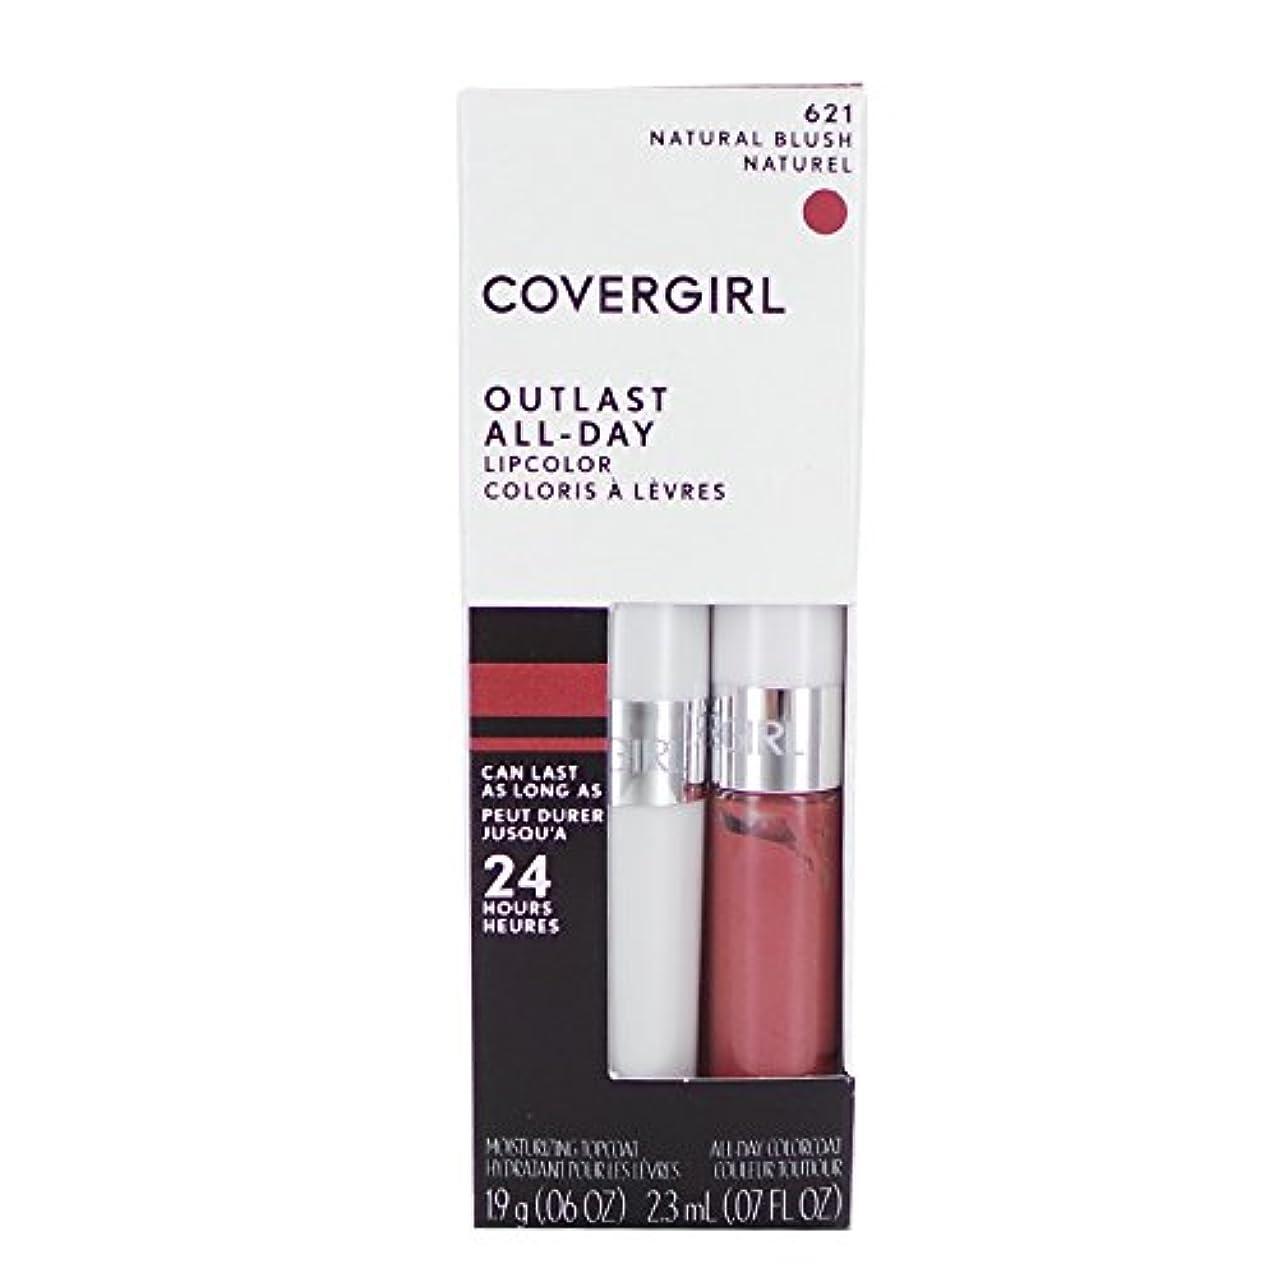 司教フォージストッキング(3 Pack) COVERGIRL Outlast All-Day Lip Color - Natural Blush 621 (並行輸入品)